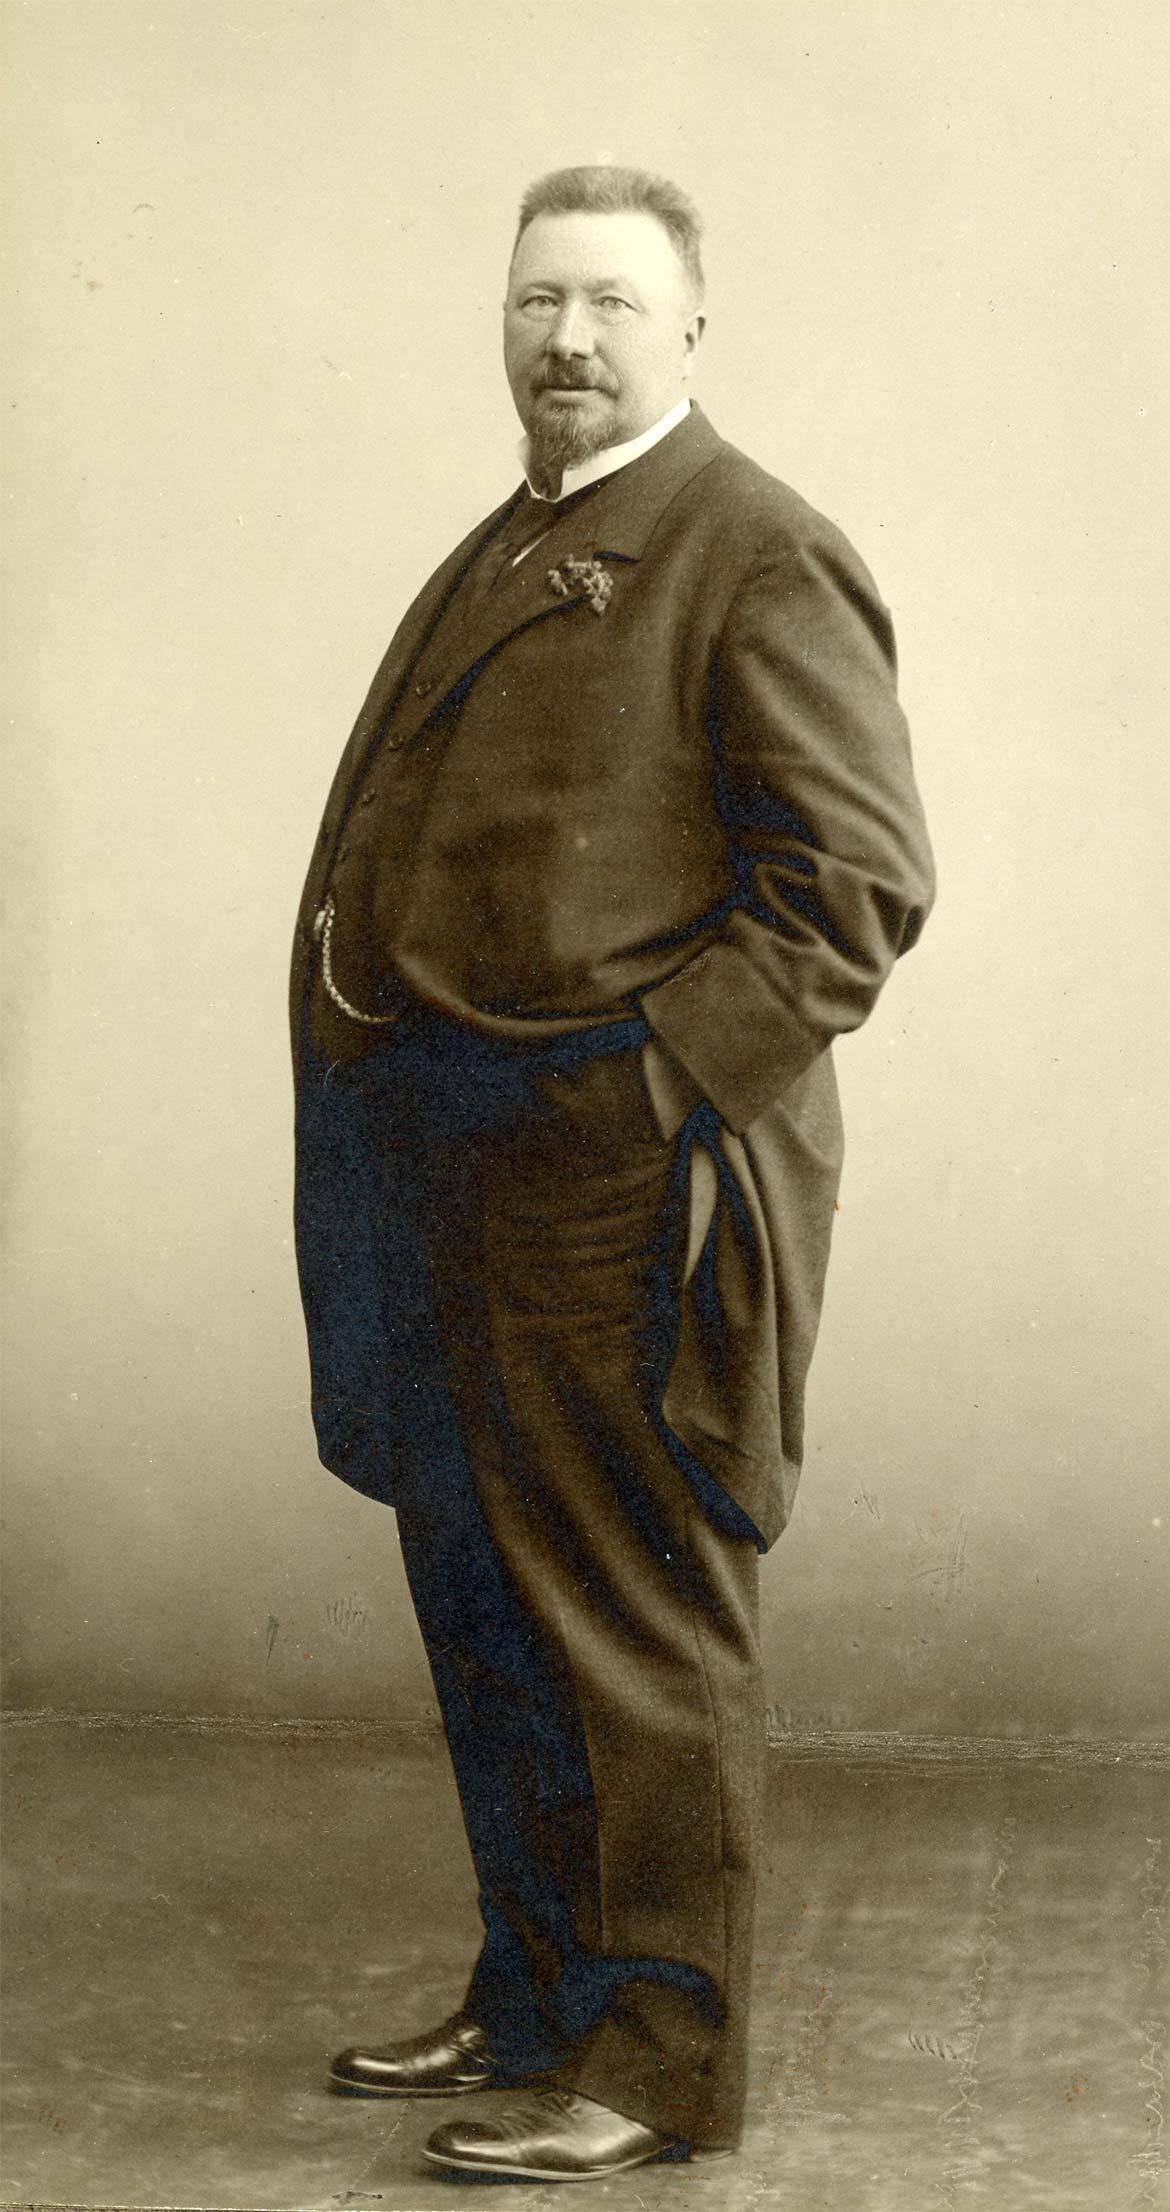 Mads Rasmussen, 1913. Fotografie von Marius Mikkelsen. Als Vorlage für Kai Nielsens Modell der Monumentalskulptur für den Kuppelsaal verwendet. Faaborg Byhistoriske Arkiv.